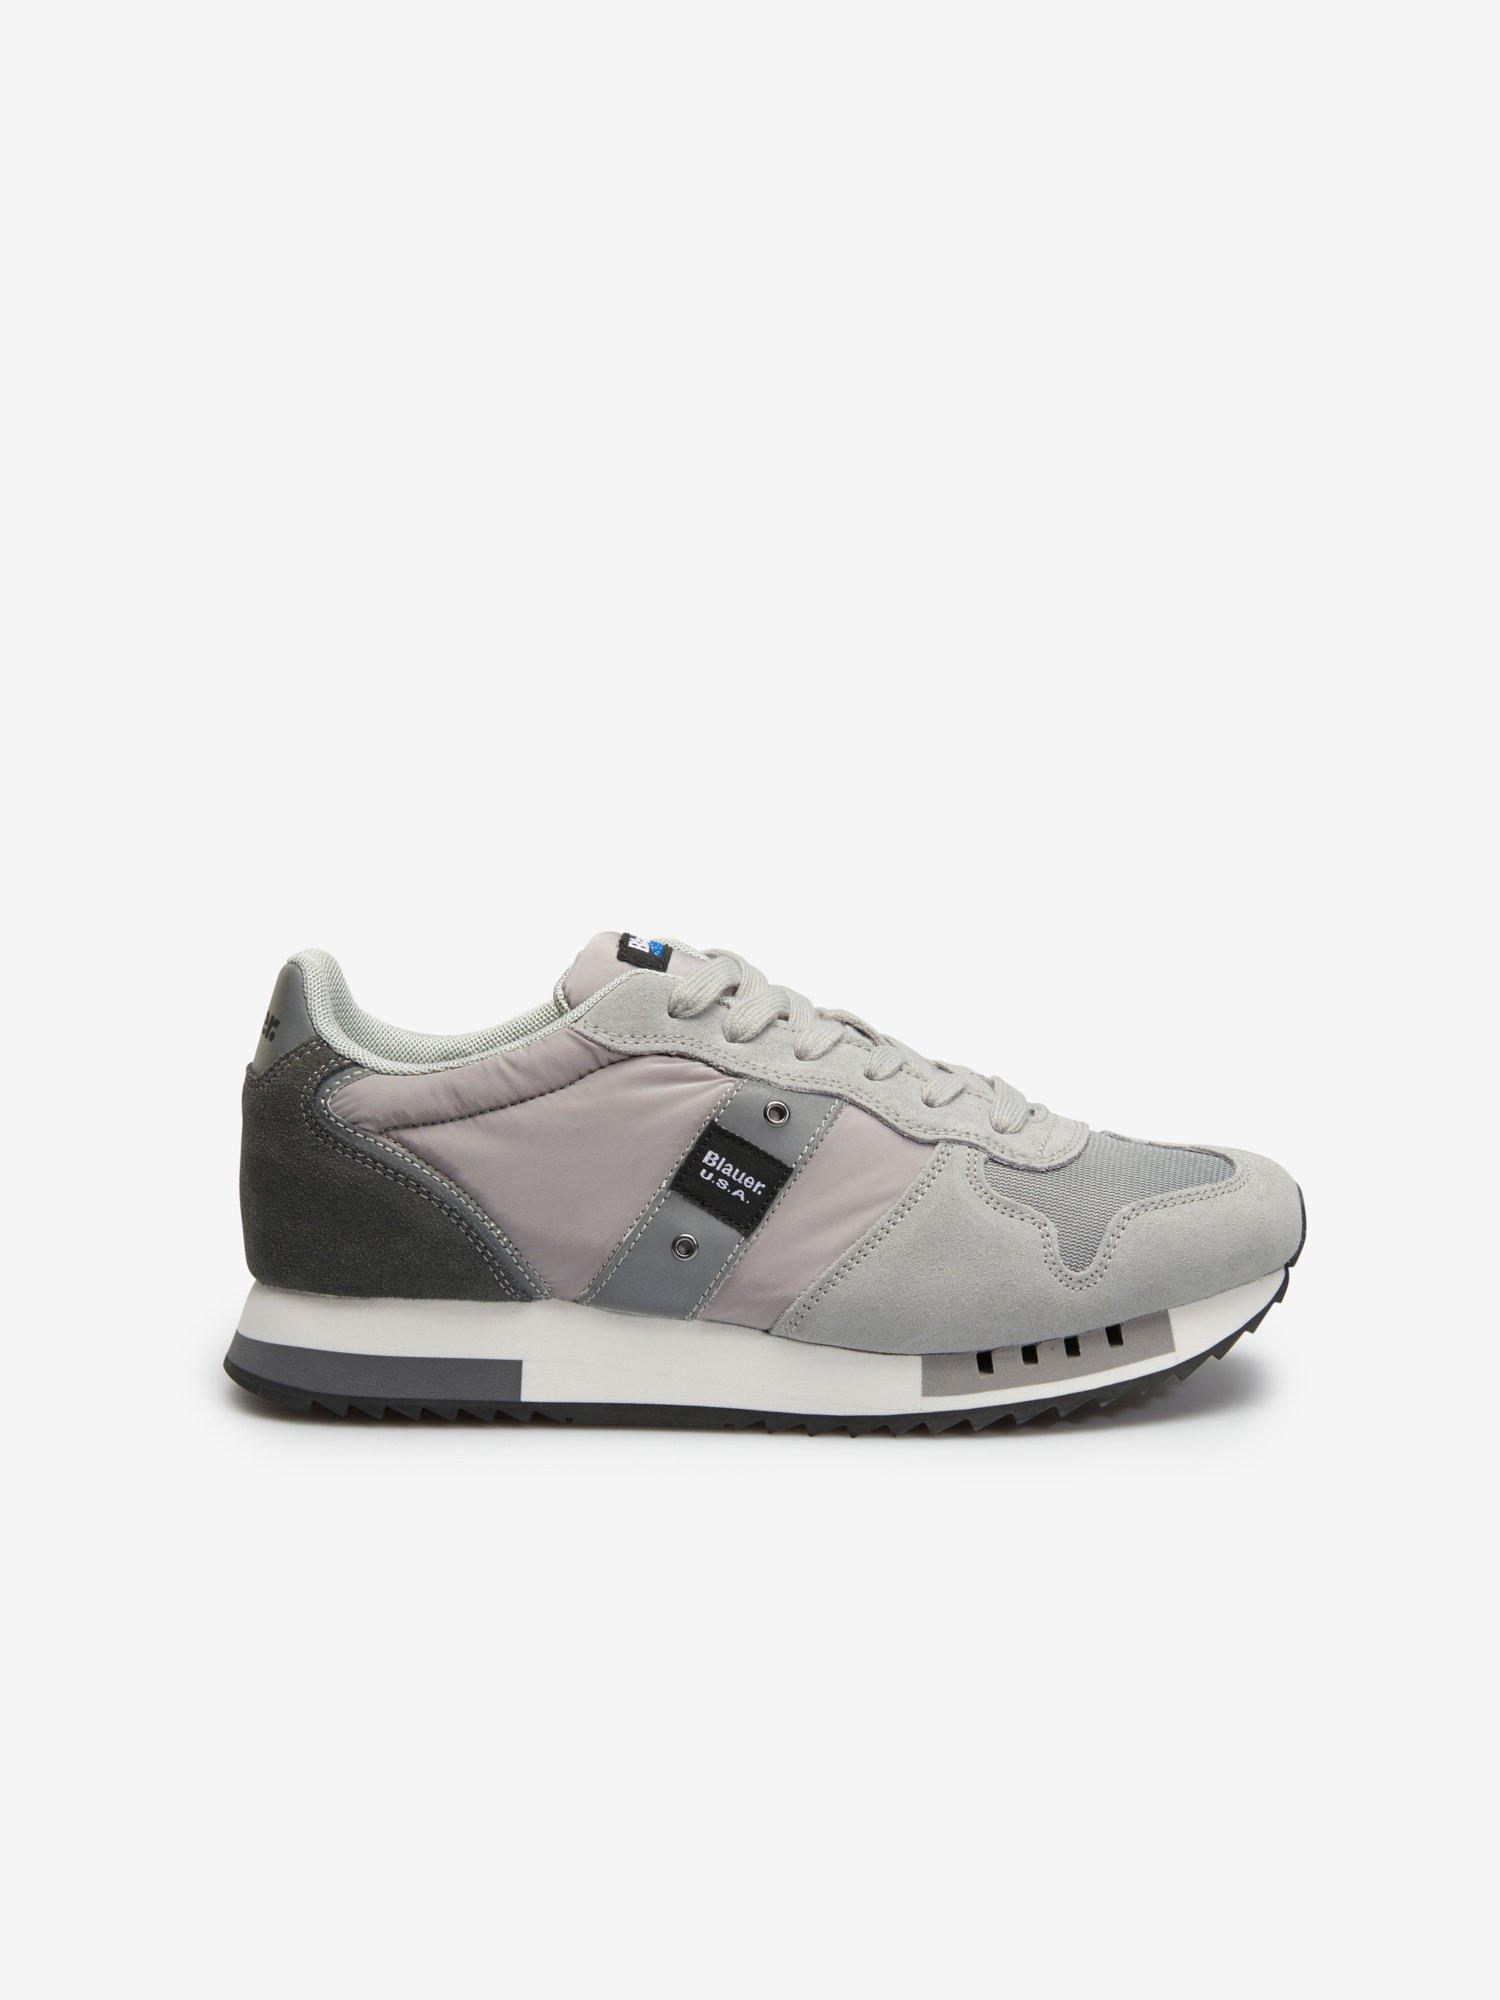 Queens Sneakers man - Blauer